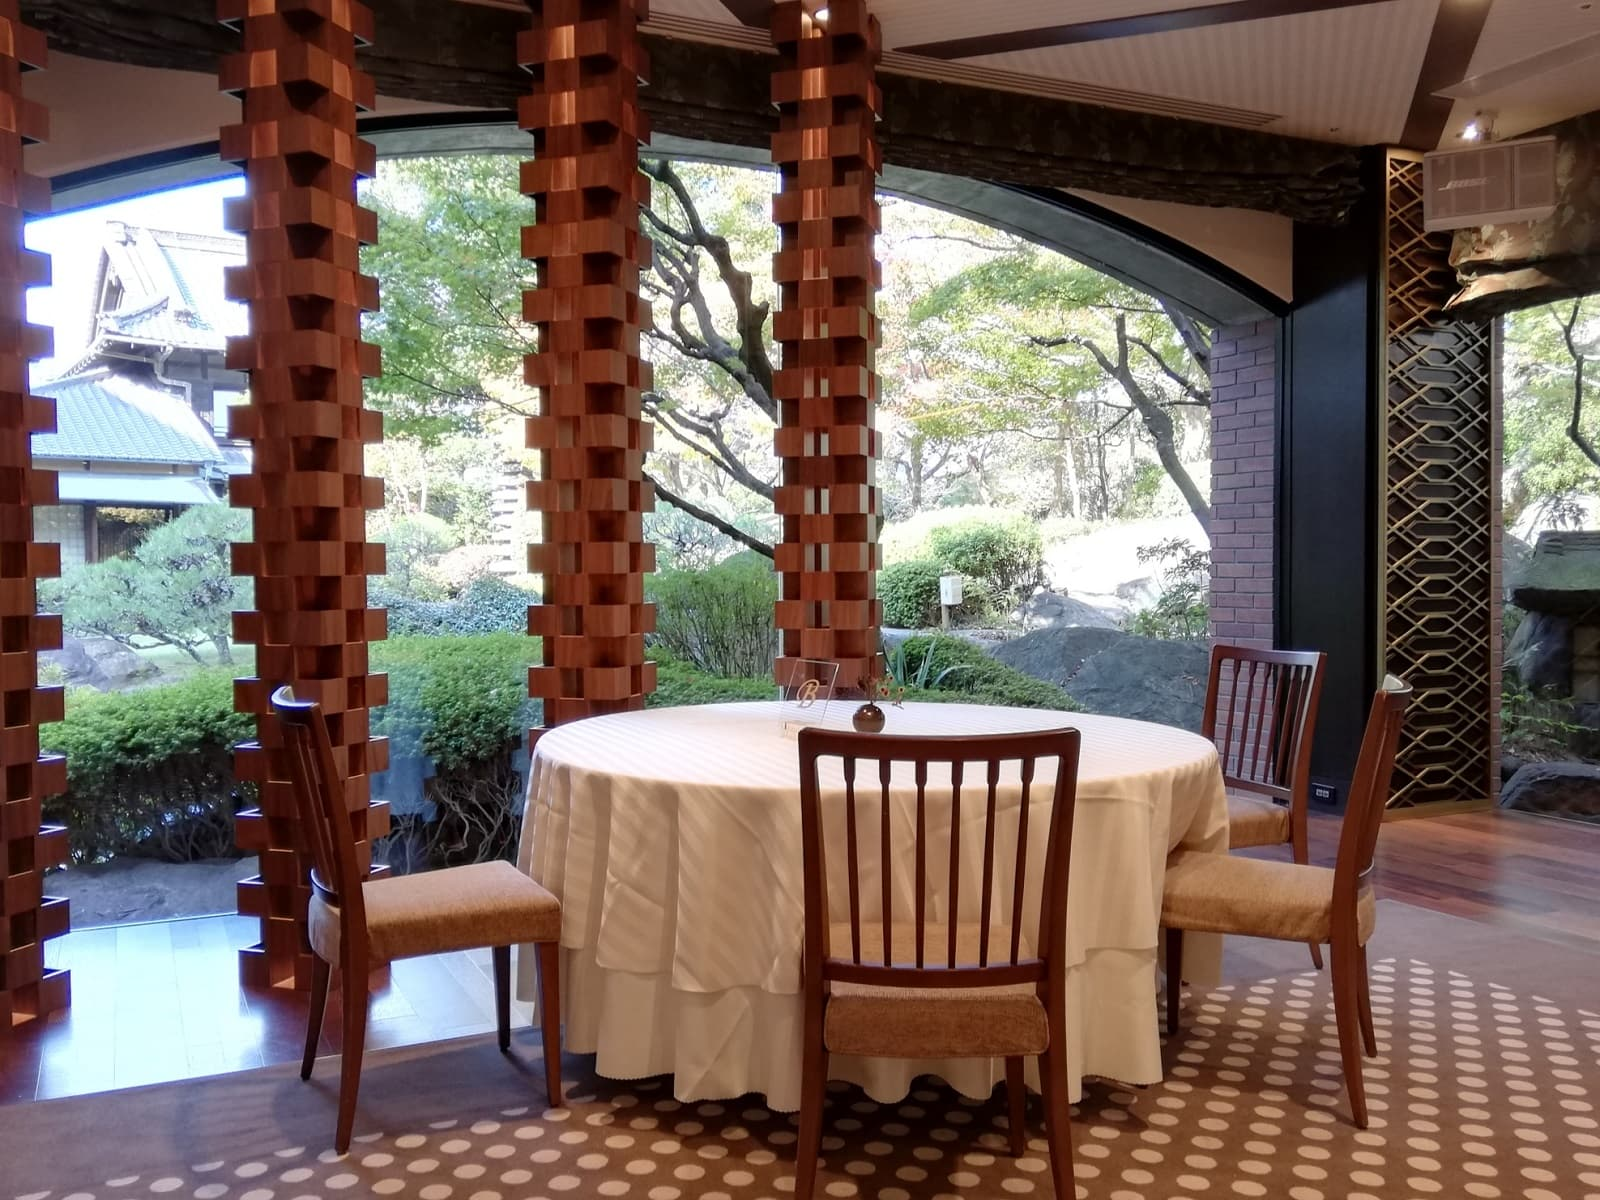 2020年太閤園チョコレートビュッフェのテーブルの様子